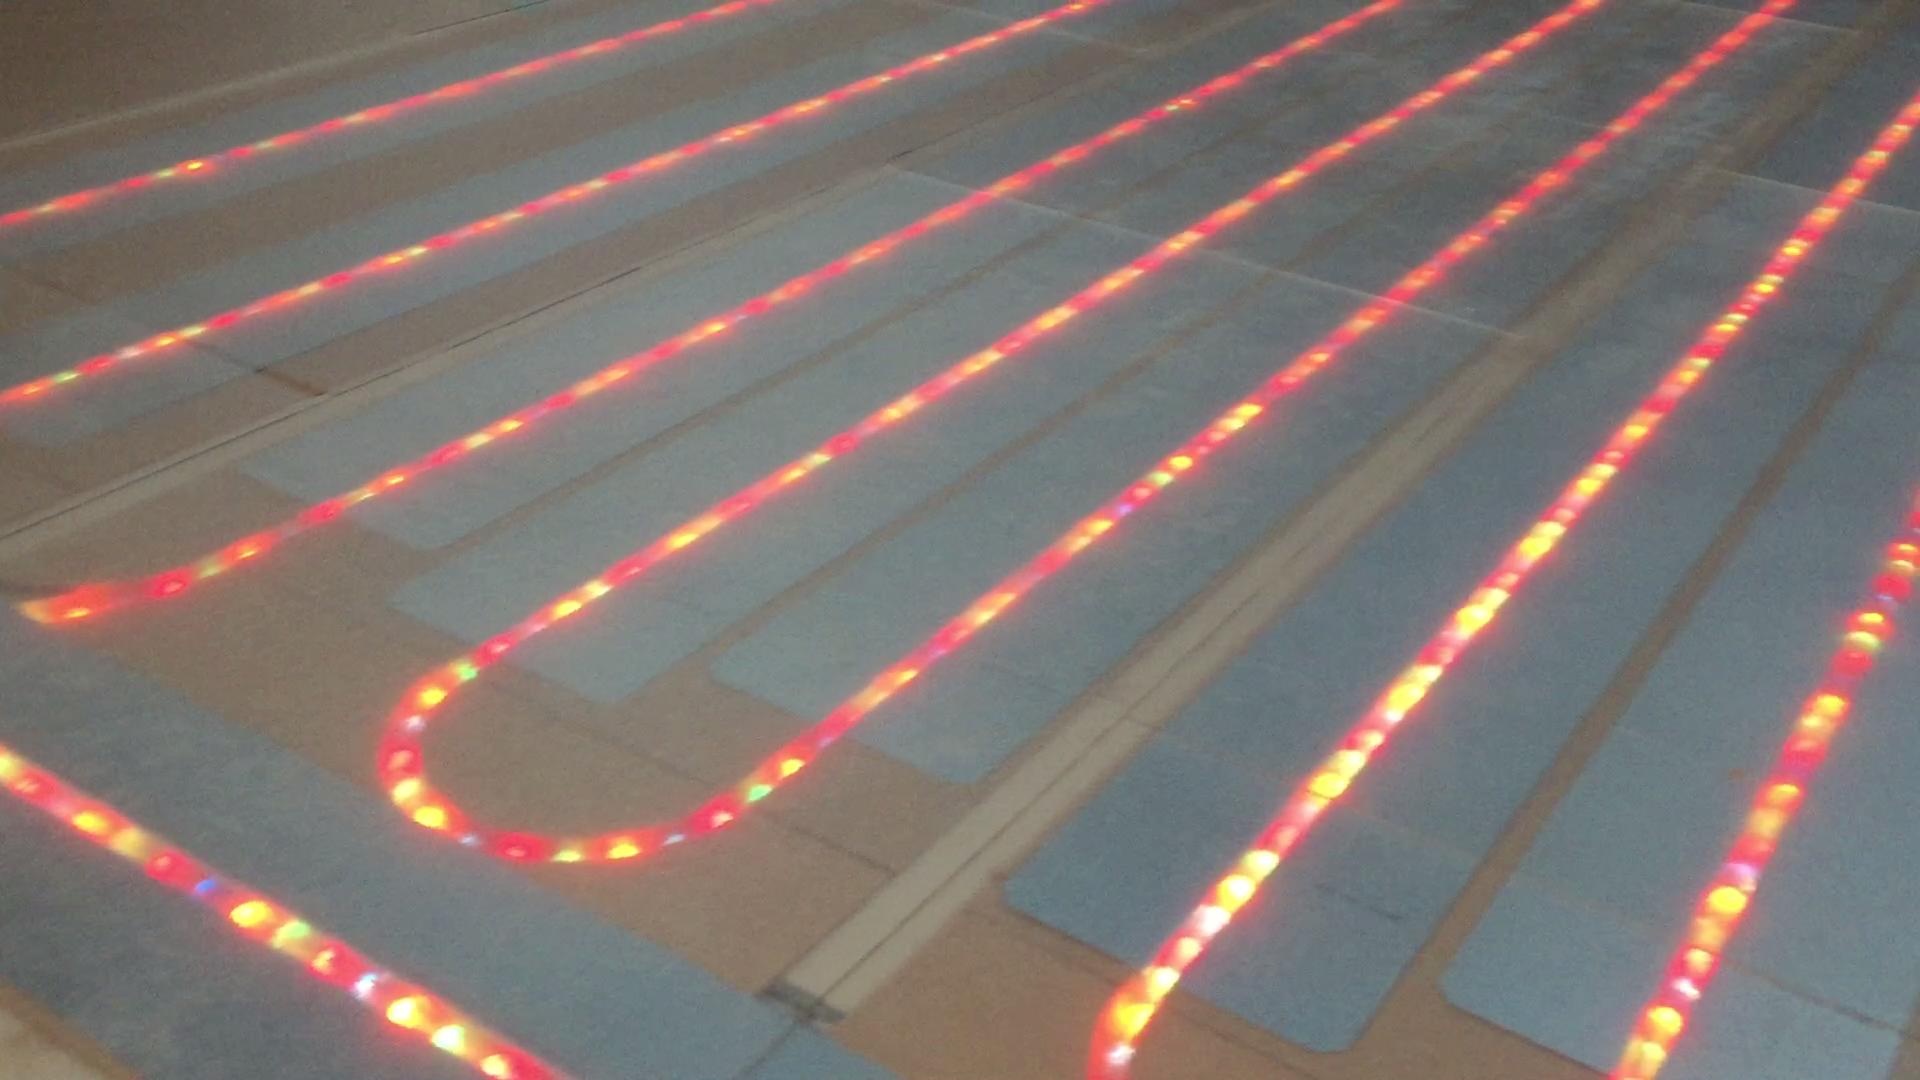 Plancher chauffant sec : la PLV lumineuse